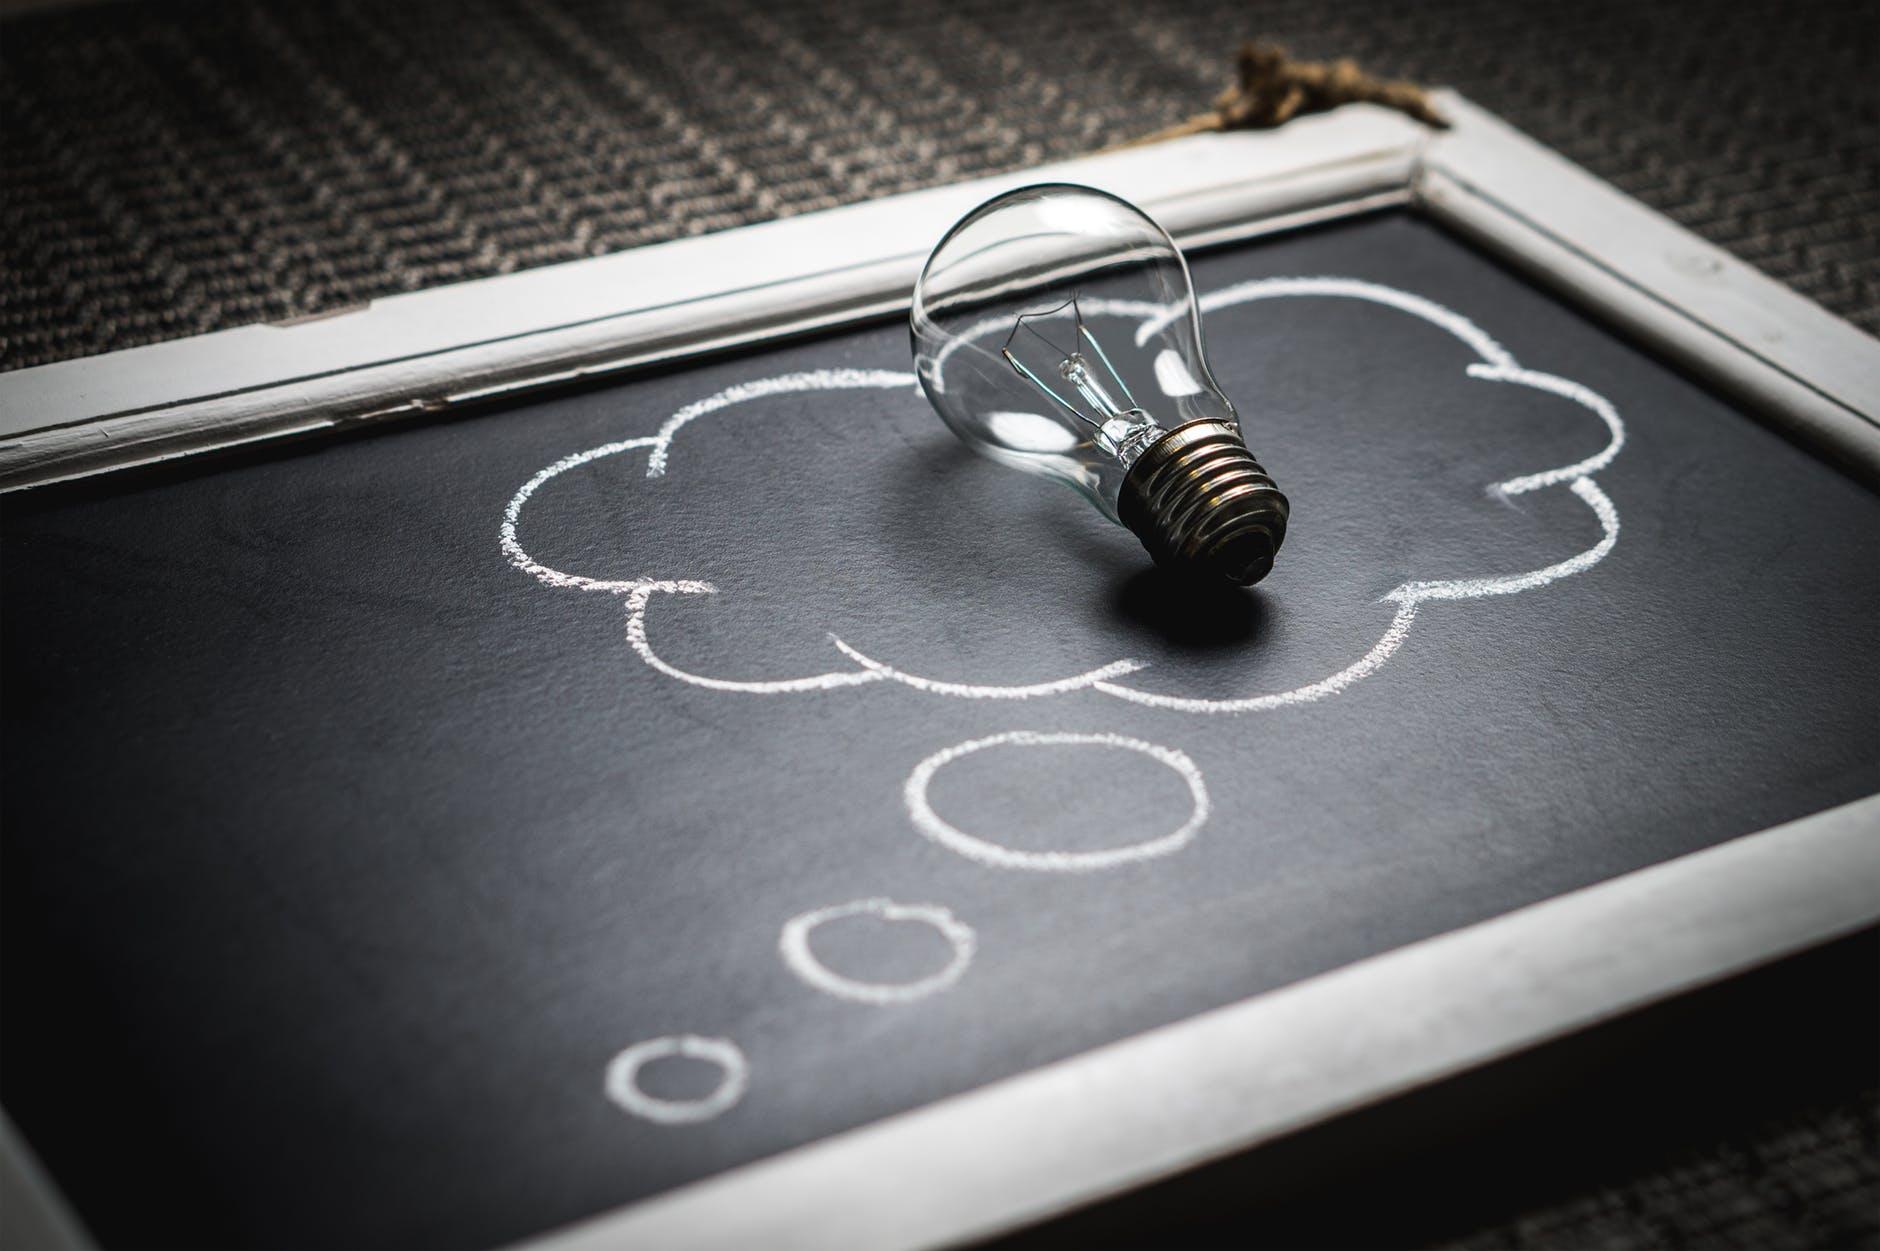 【EMBA】給不滿意現況的上班族:該不該自我投資?